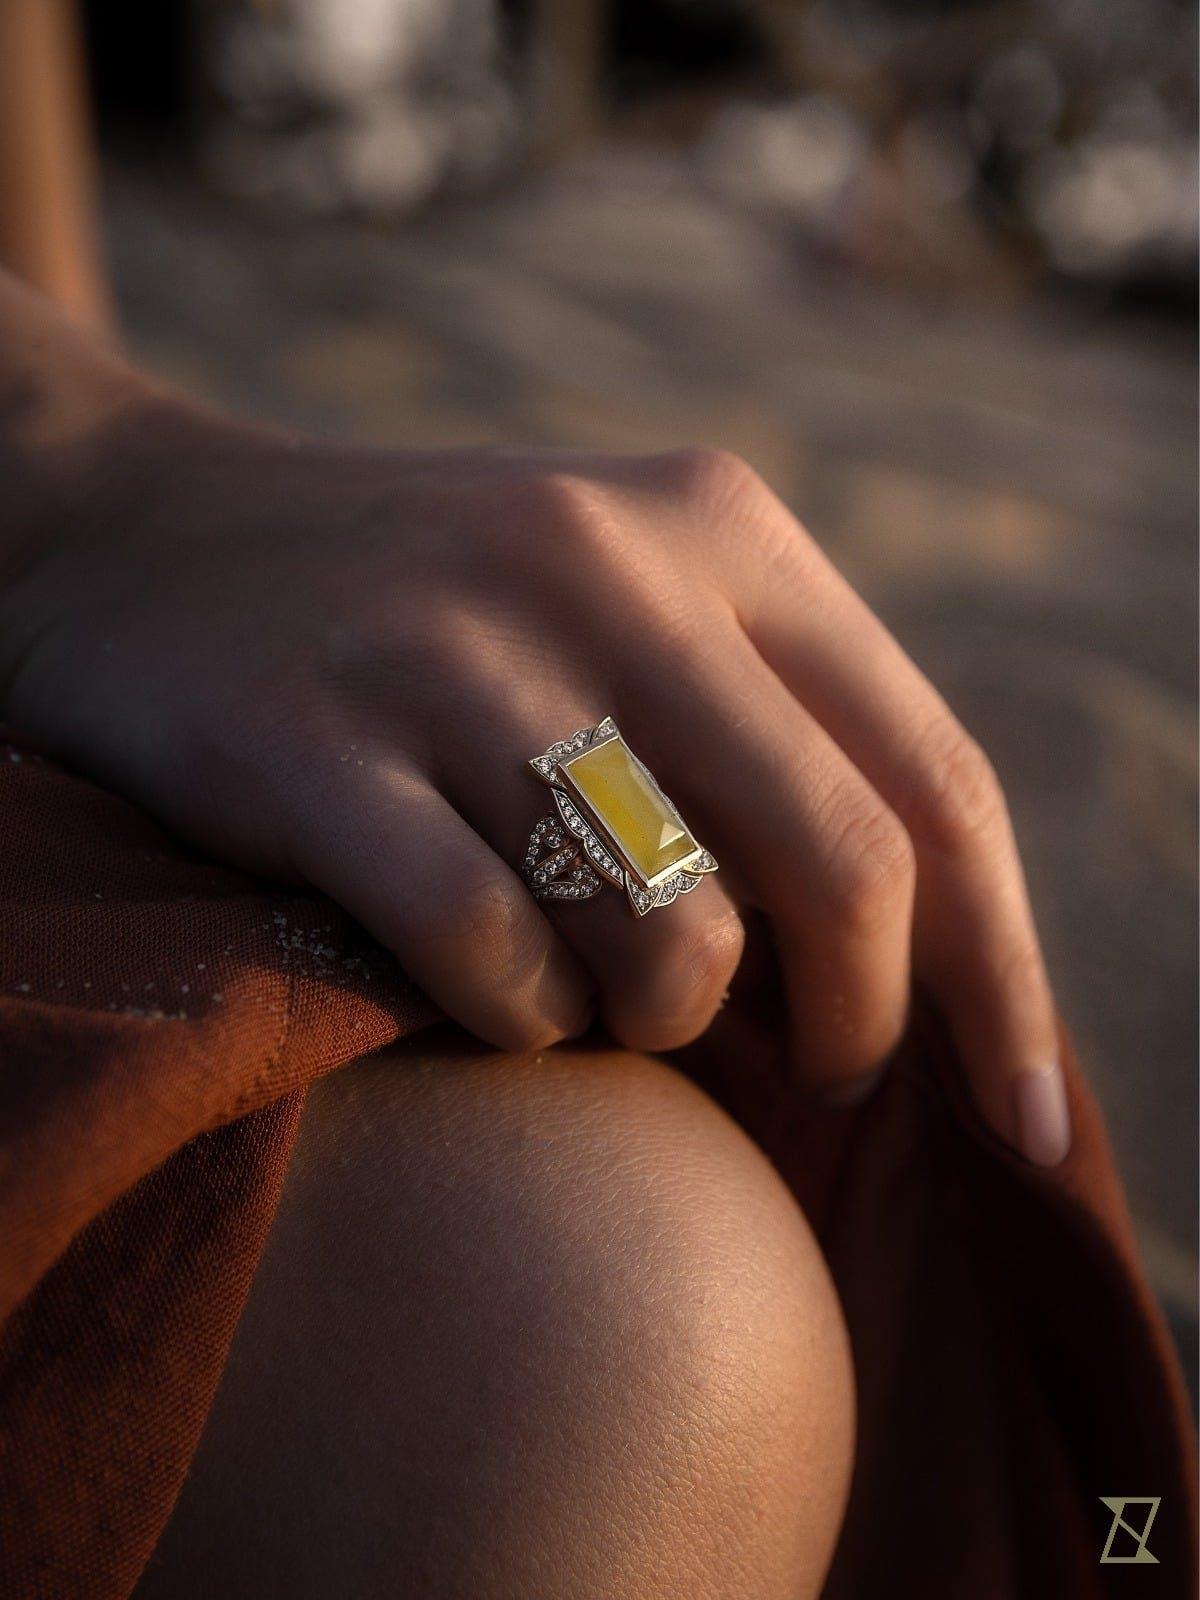 Pierścionek z bursztynem i brylantami w białym złocie skrzący się w zachodzącym słońcu na dłoni.